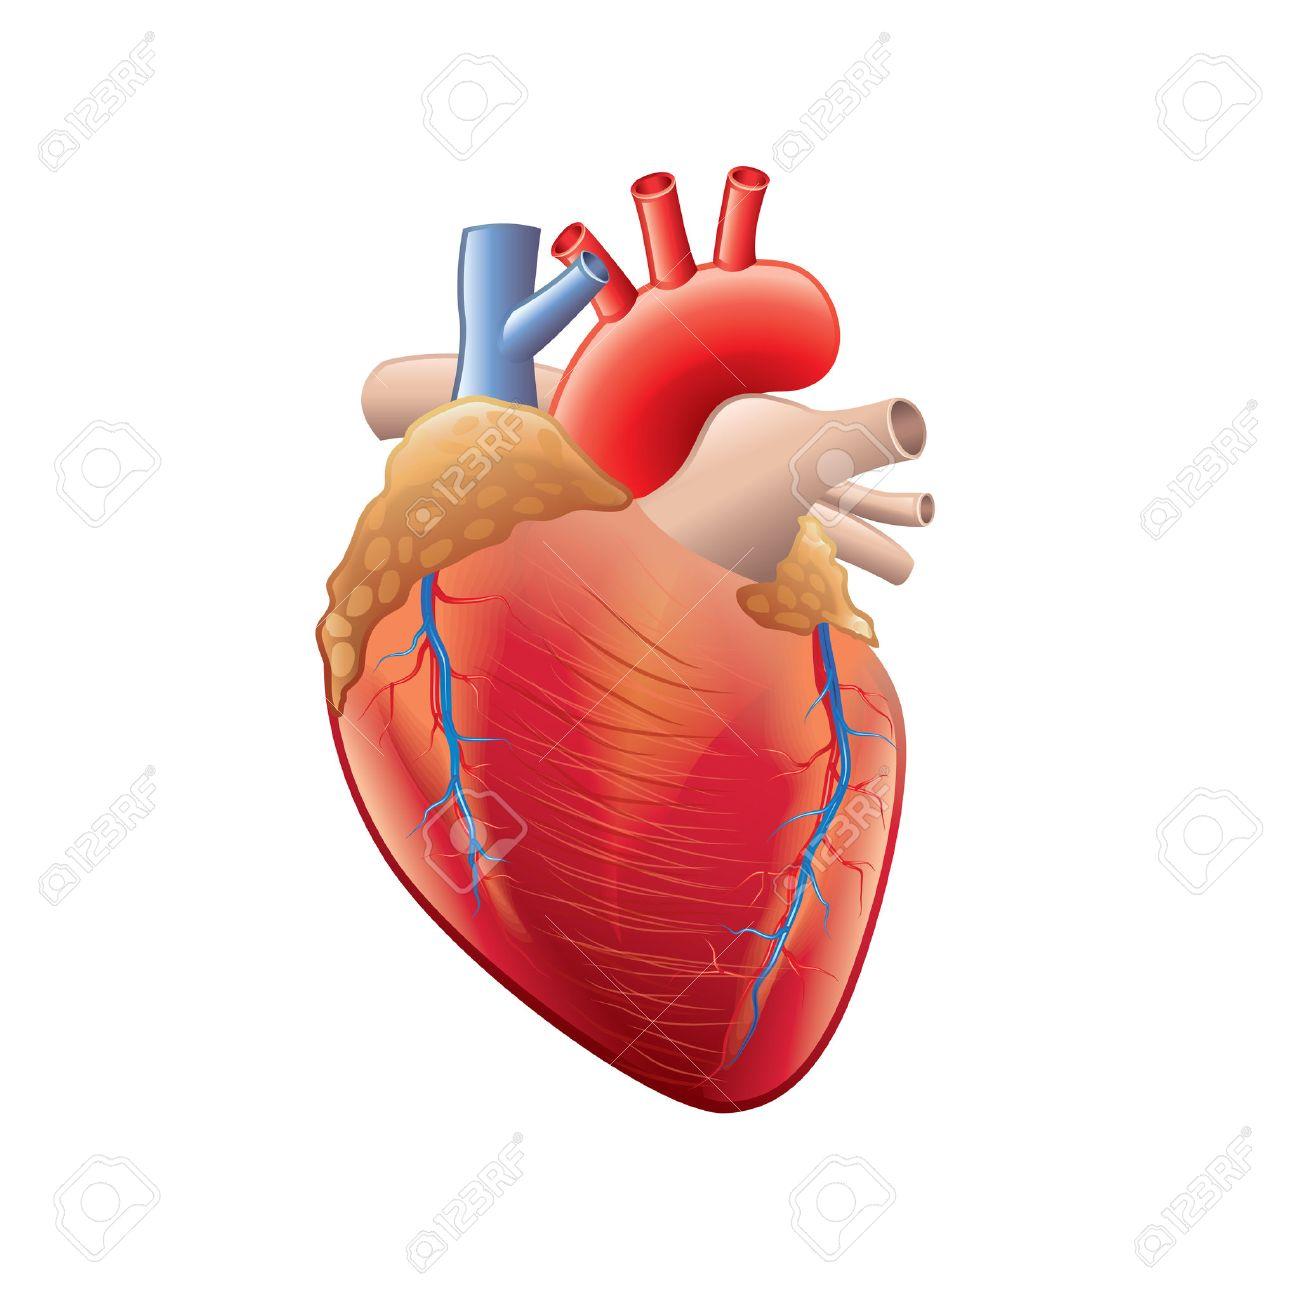 Menschlichen Herzen Anatomie Isoliert Auf Weiß Foto-realistische ...